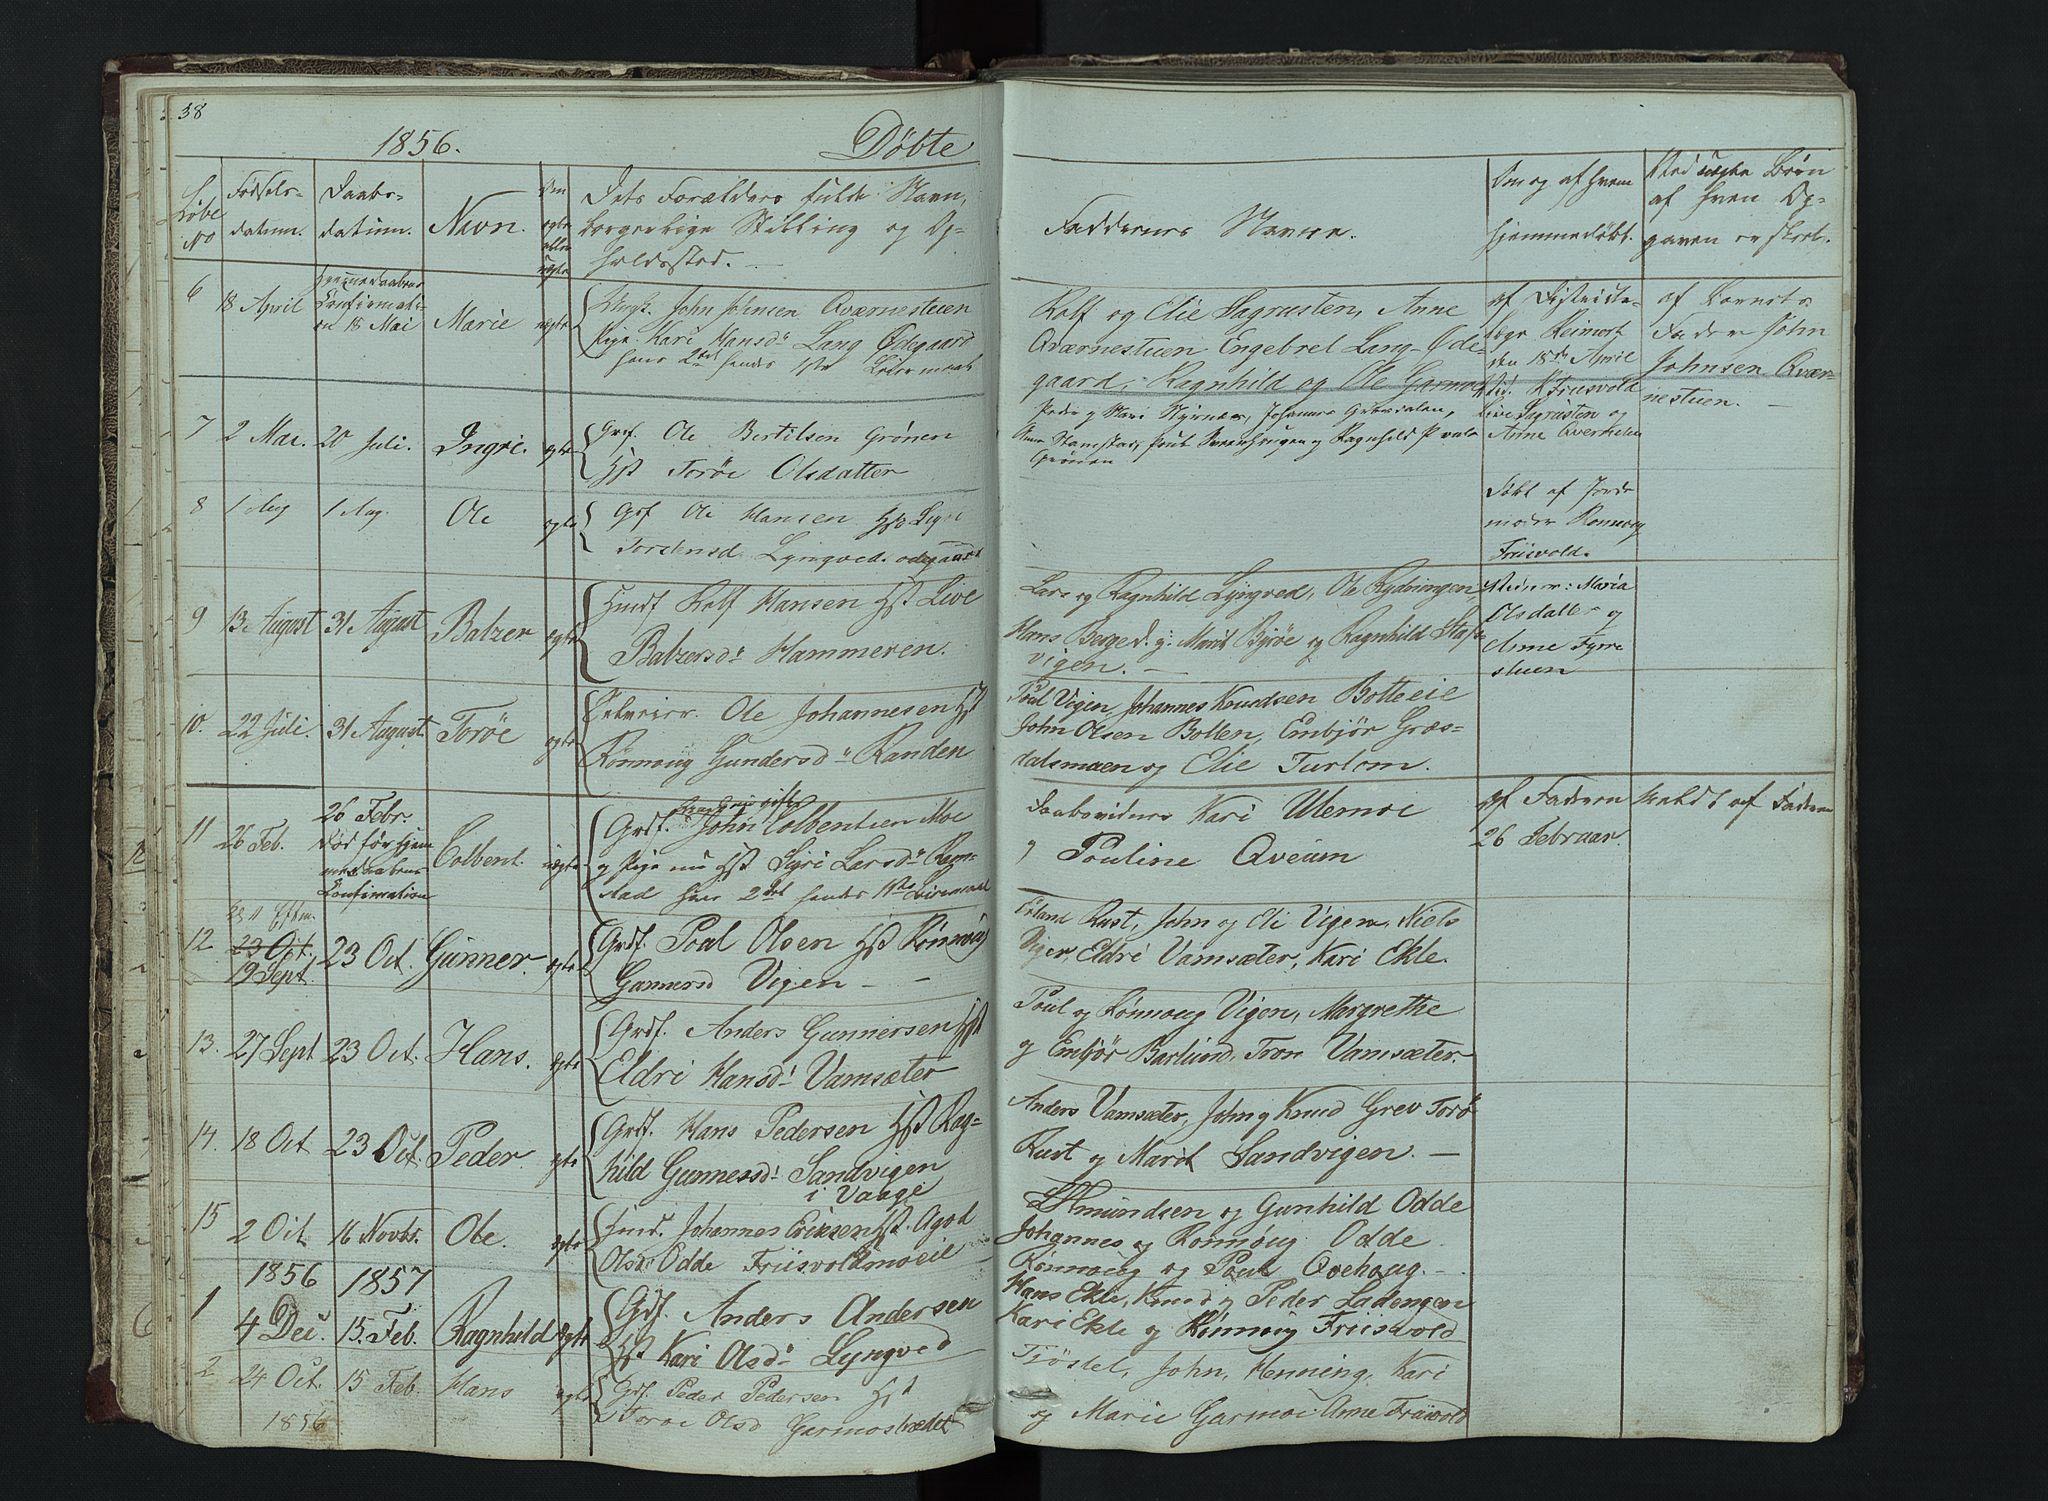 SAH, Lom prestekontor, L/L0014: Klokkerbok nr. 14, 1845-1876, s. 38-39